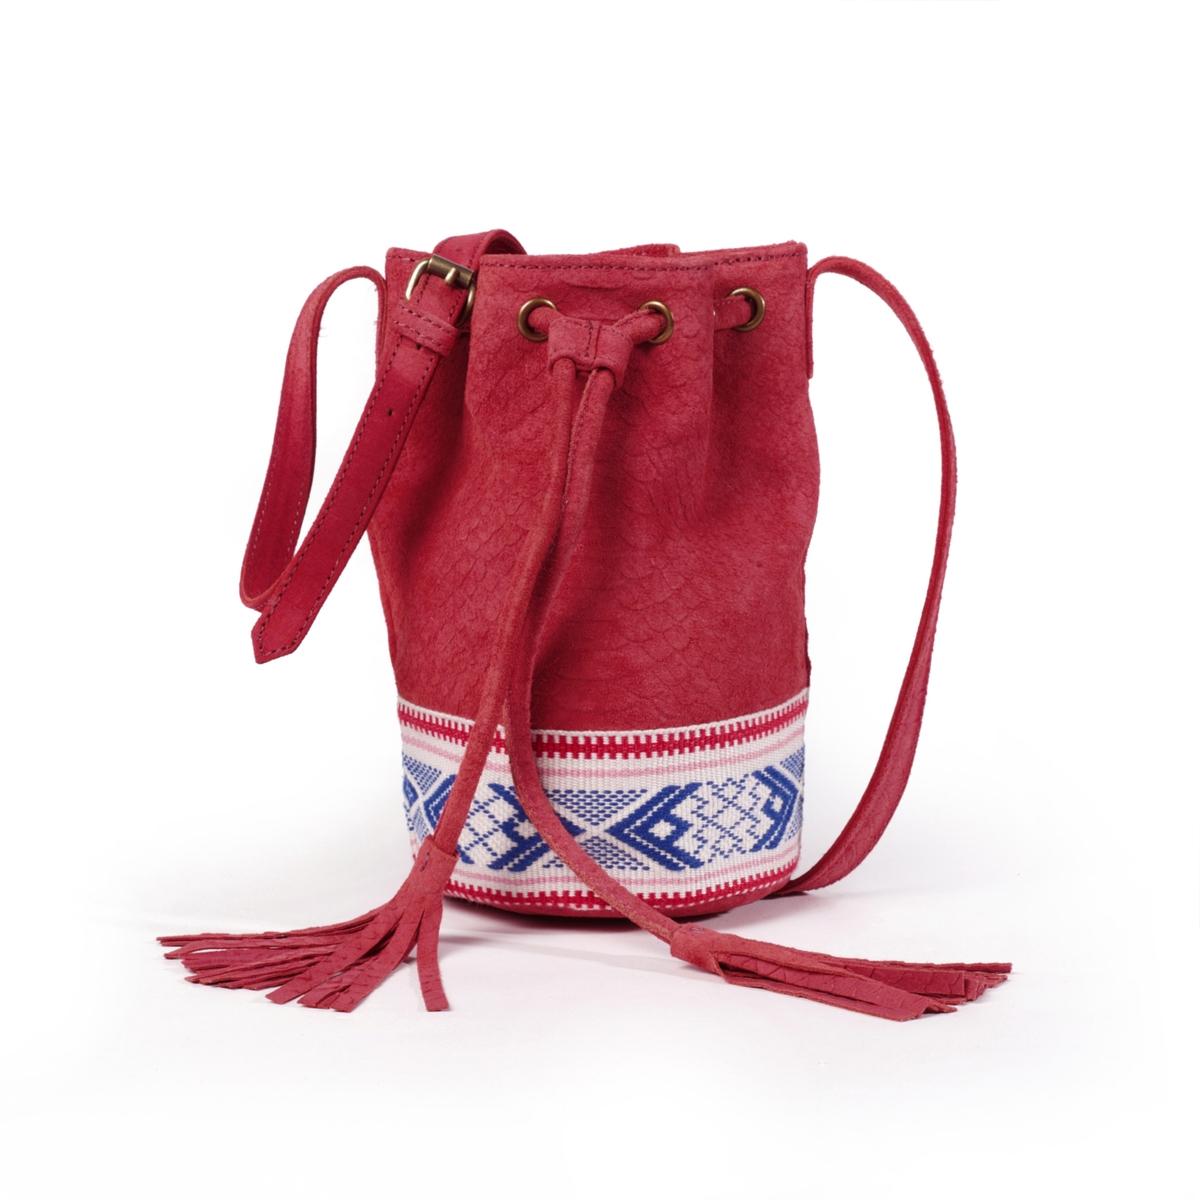 Сумка-мешок из кожиОписание:Красивая и модная сумка-мешок из рельефной кожи с этническим рисунком на завязках с помпонами.Состав и описание :Материал верха  : неотделанная кожа (яловичная)           подкладка : текстиль. Размеры : Д20 x В22 x Г13 смЗастежка : на завязкахВнутренние карманы : 1 карман для мобильного и 1 карман с застежкой на молниюРегулируемый наплечный ремень, размеры: В60 см.Сумка носится:: на плече<br><br>Цвет: красный,розовый,синий